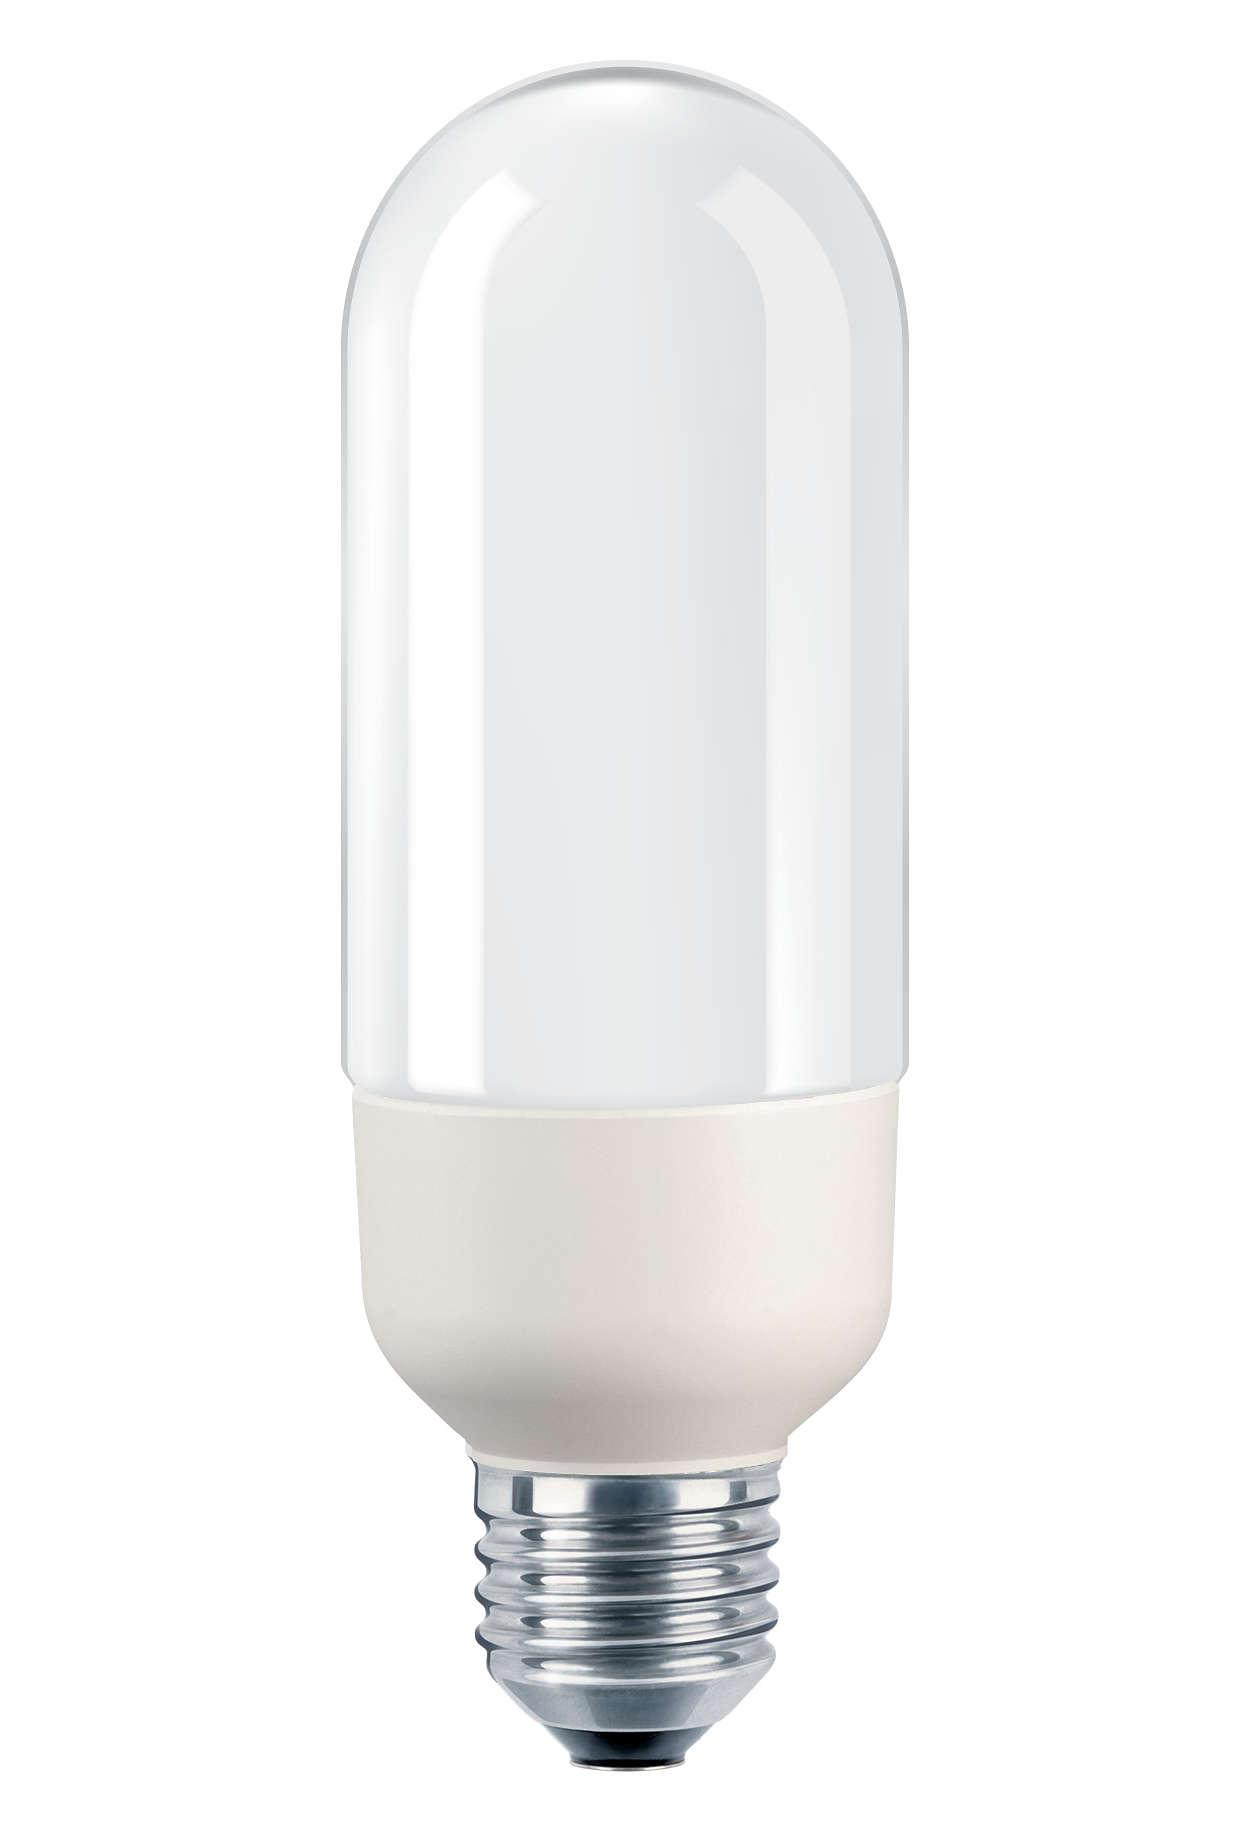 exterieur ampoule conomie d 39 nergie 871150083022710 philips. Black Bedroom Furniture Sets. Home Design Ideas